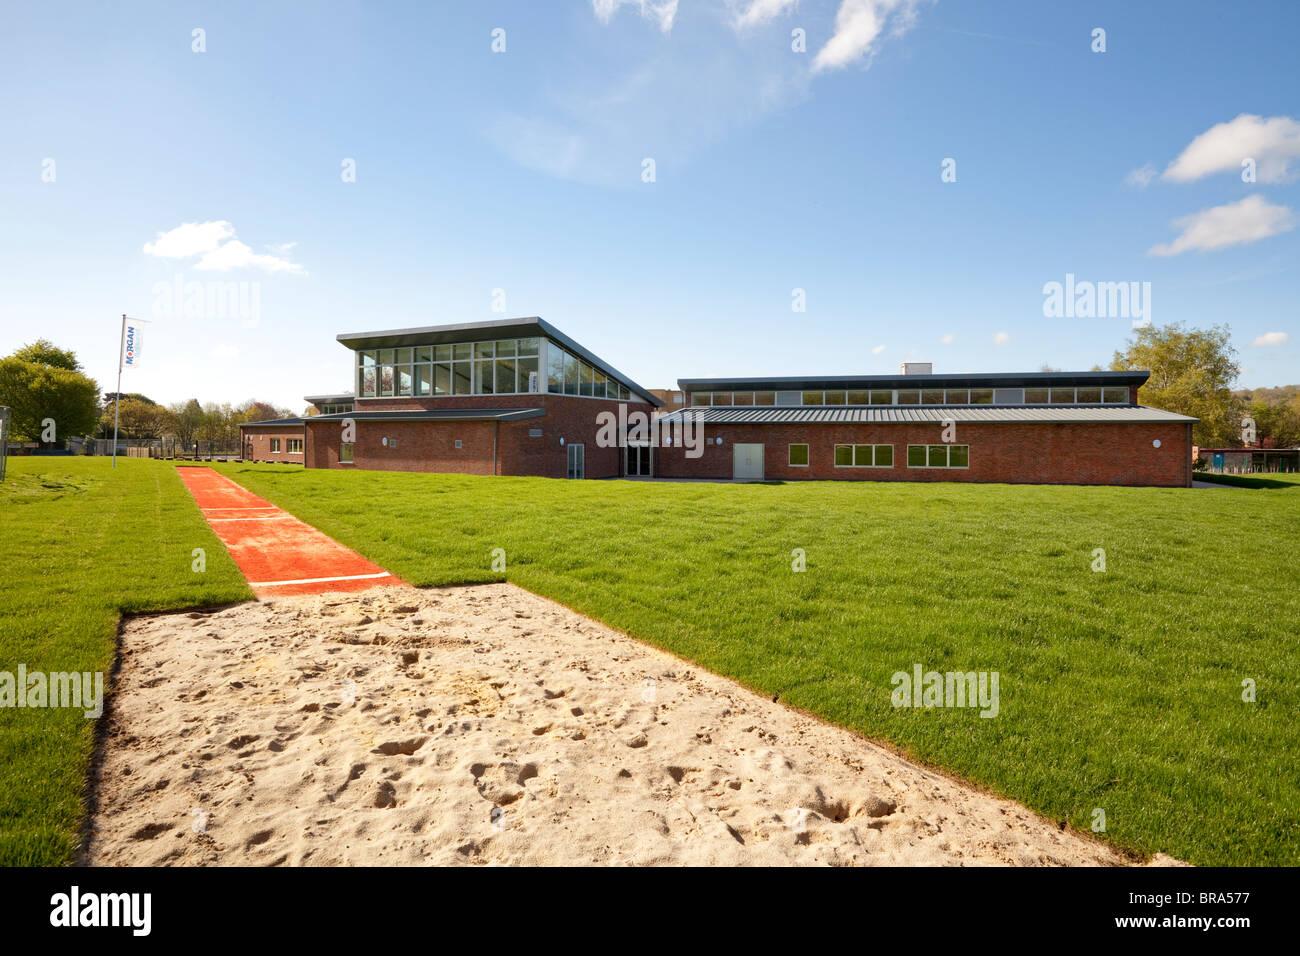 El salto en largo arenal en el campo de deportes en la escuela primaria, Milldown Blandford UK Imagen De Stock